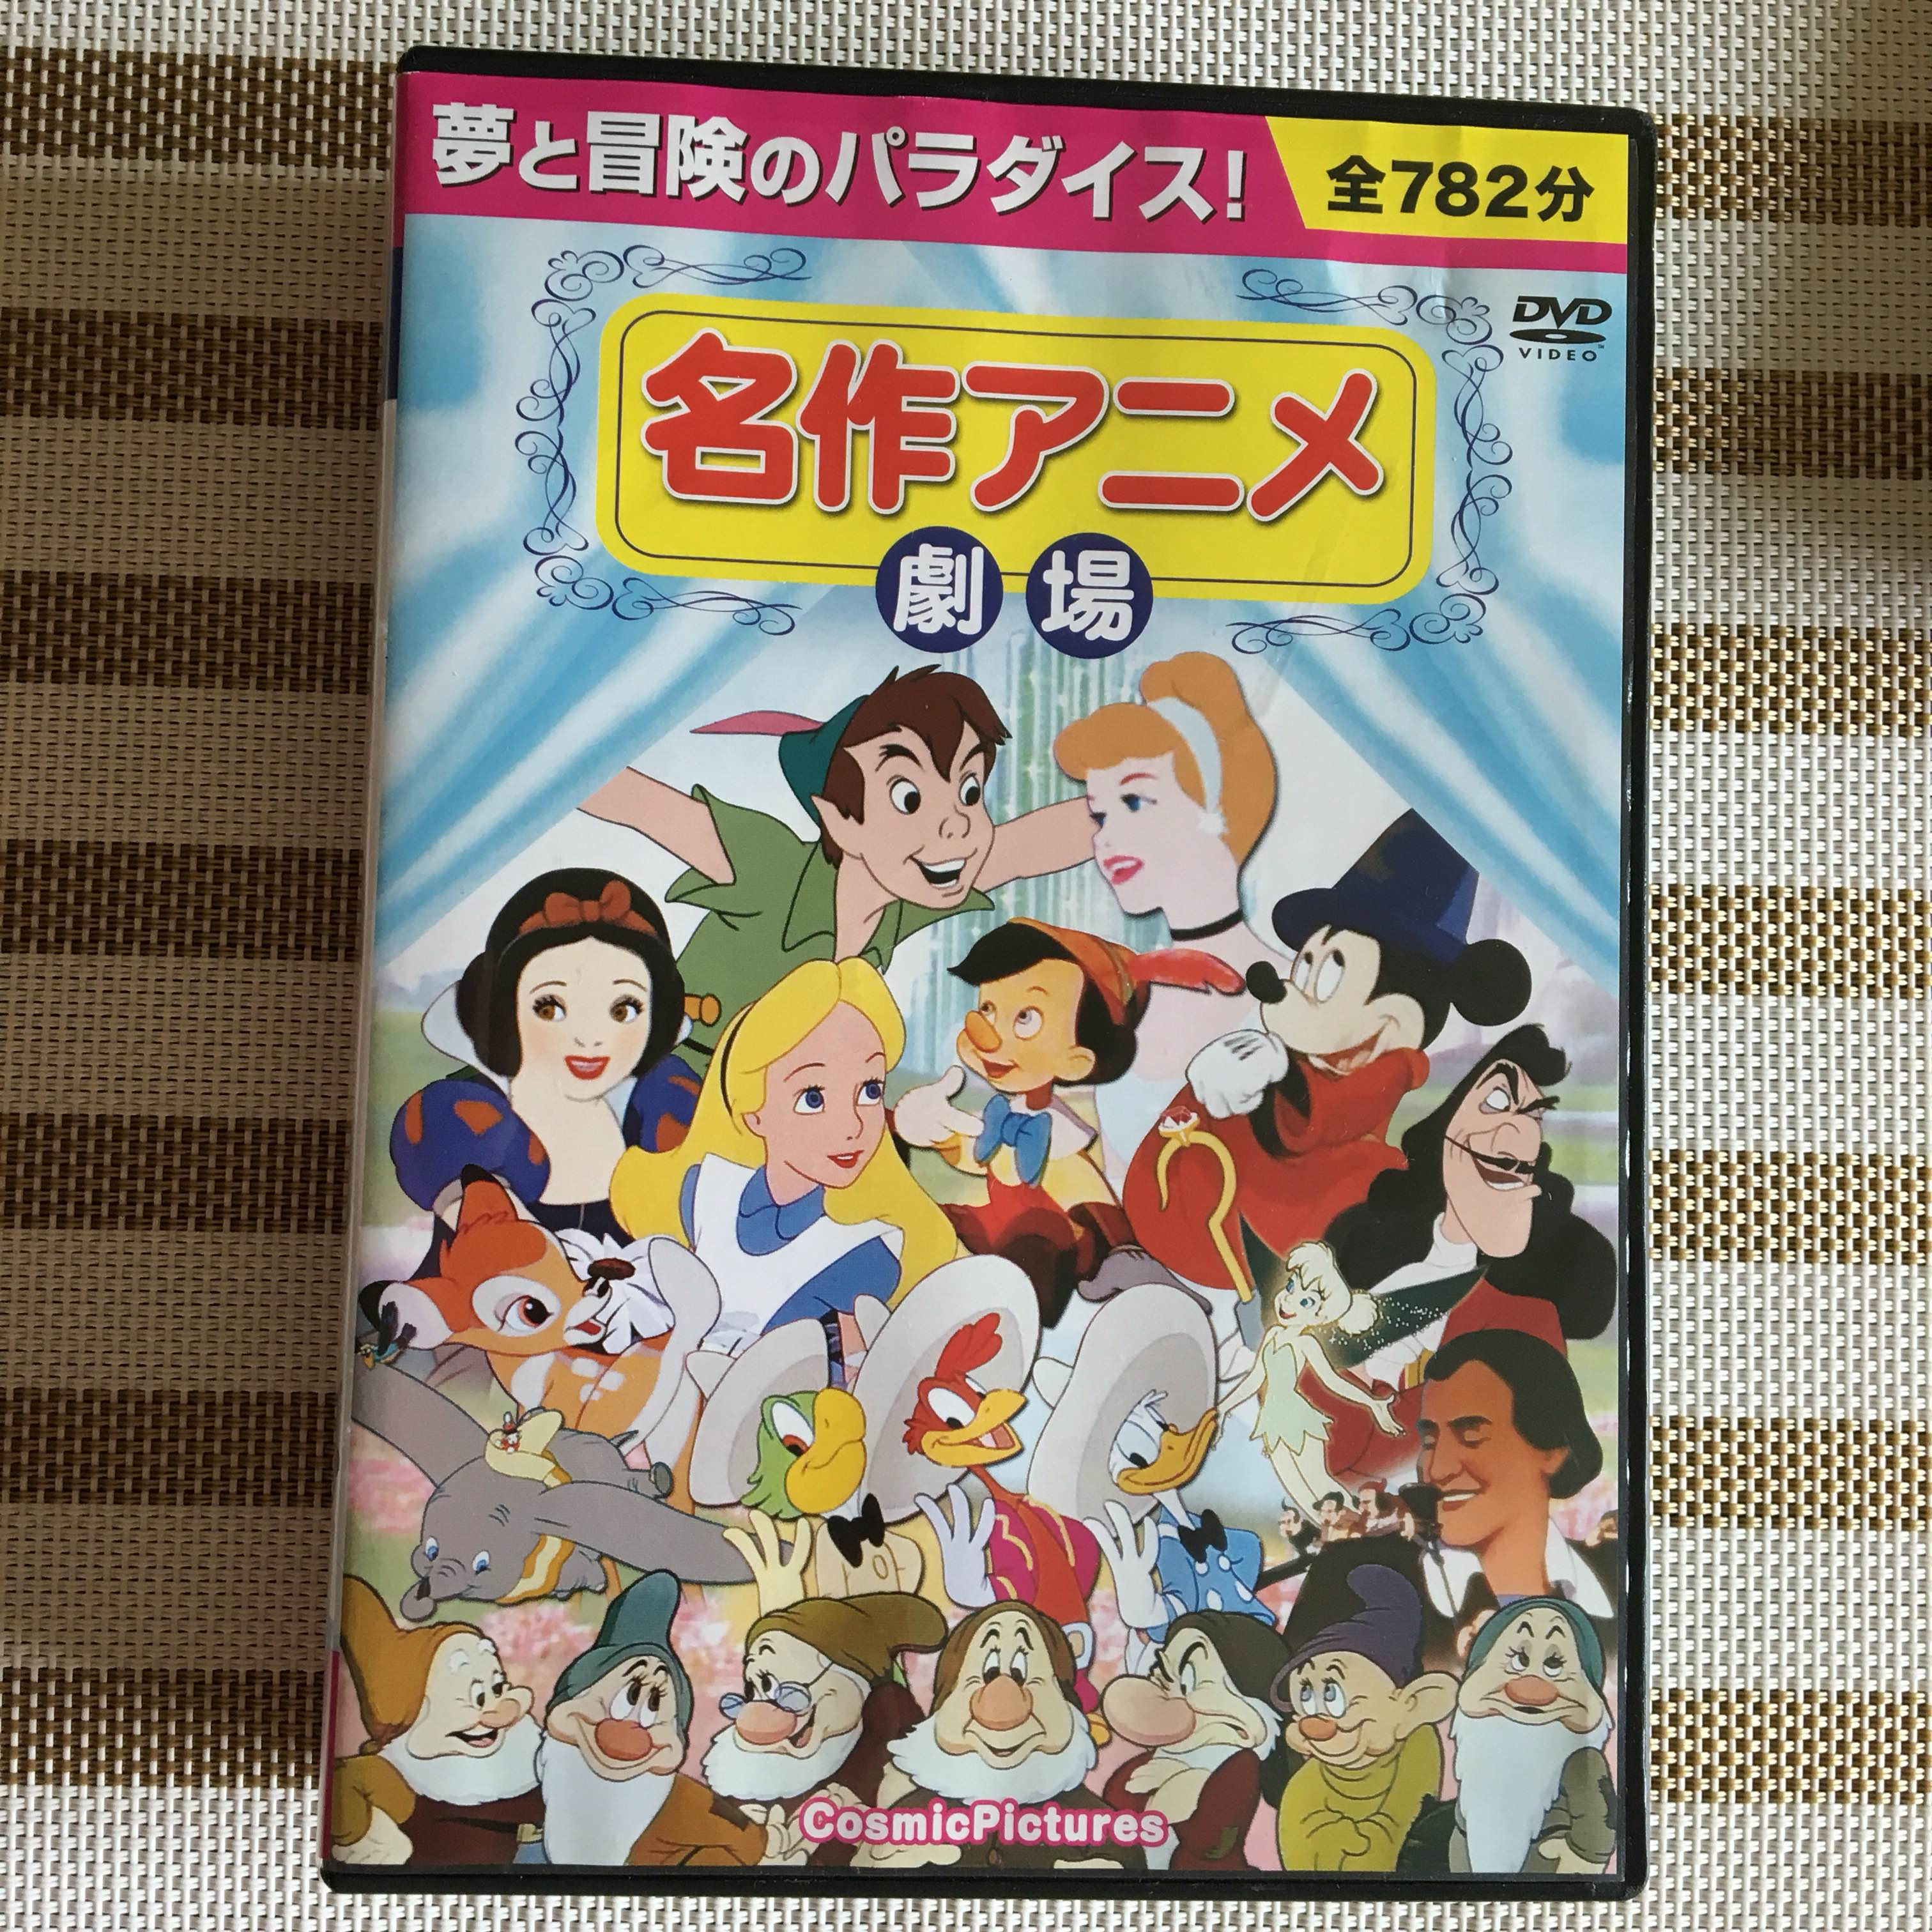 メルカリ - 名作アニメ劇場 dvd 10作品 782分 (¥1,549) 中古や未使用の